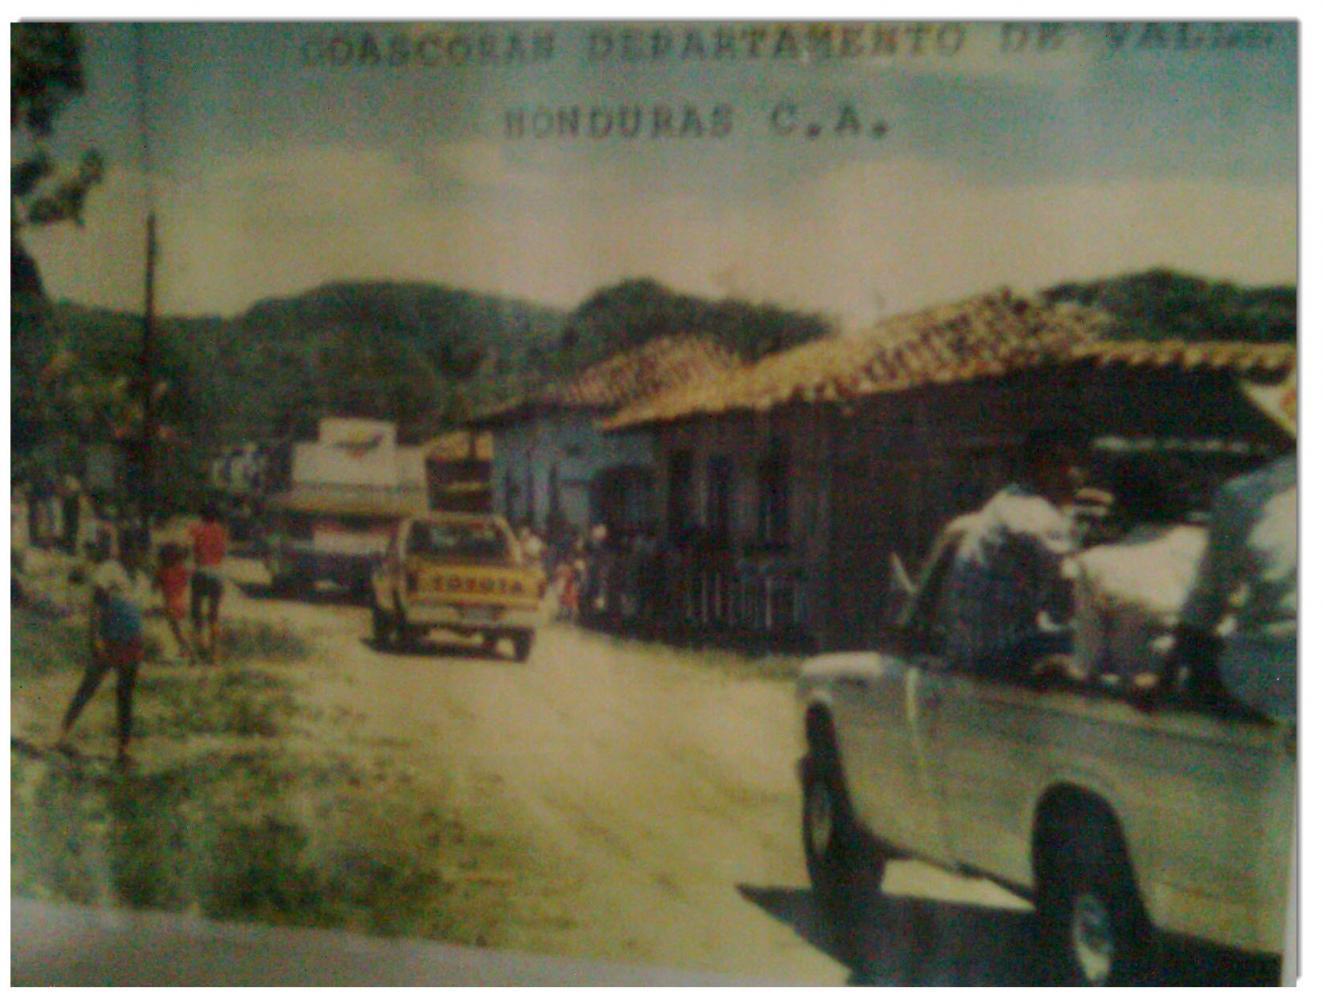 Goascoran Calle 8